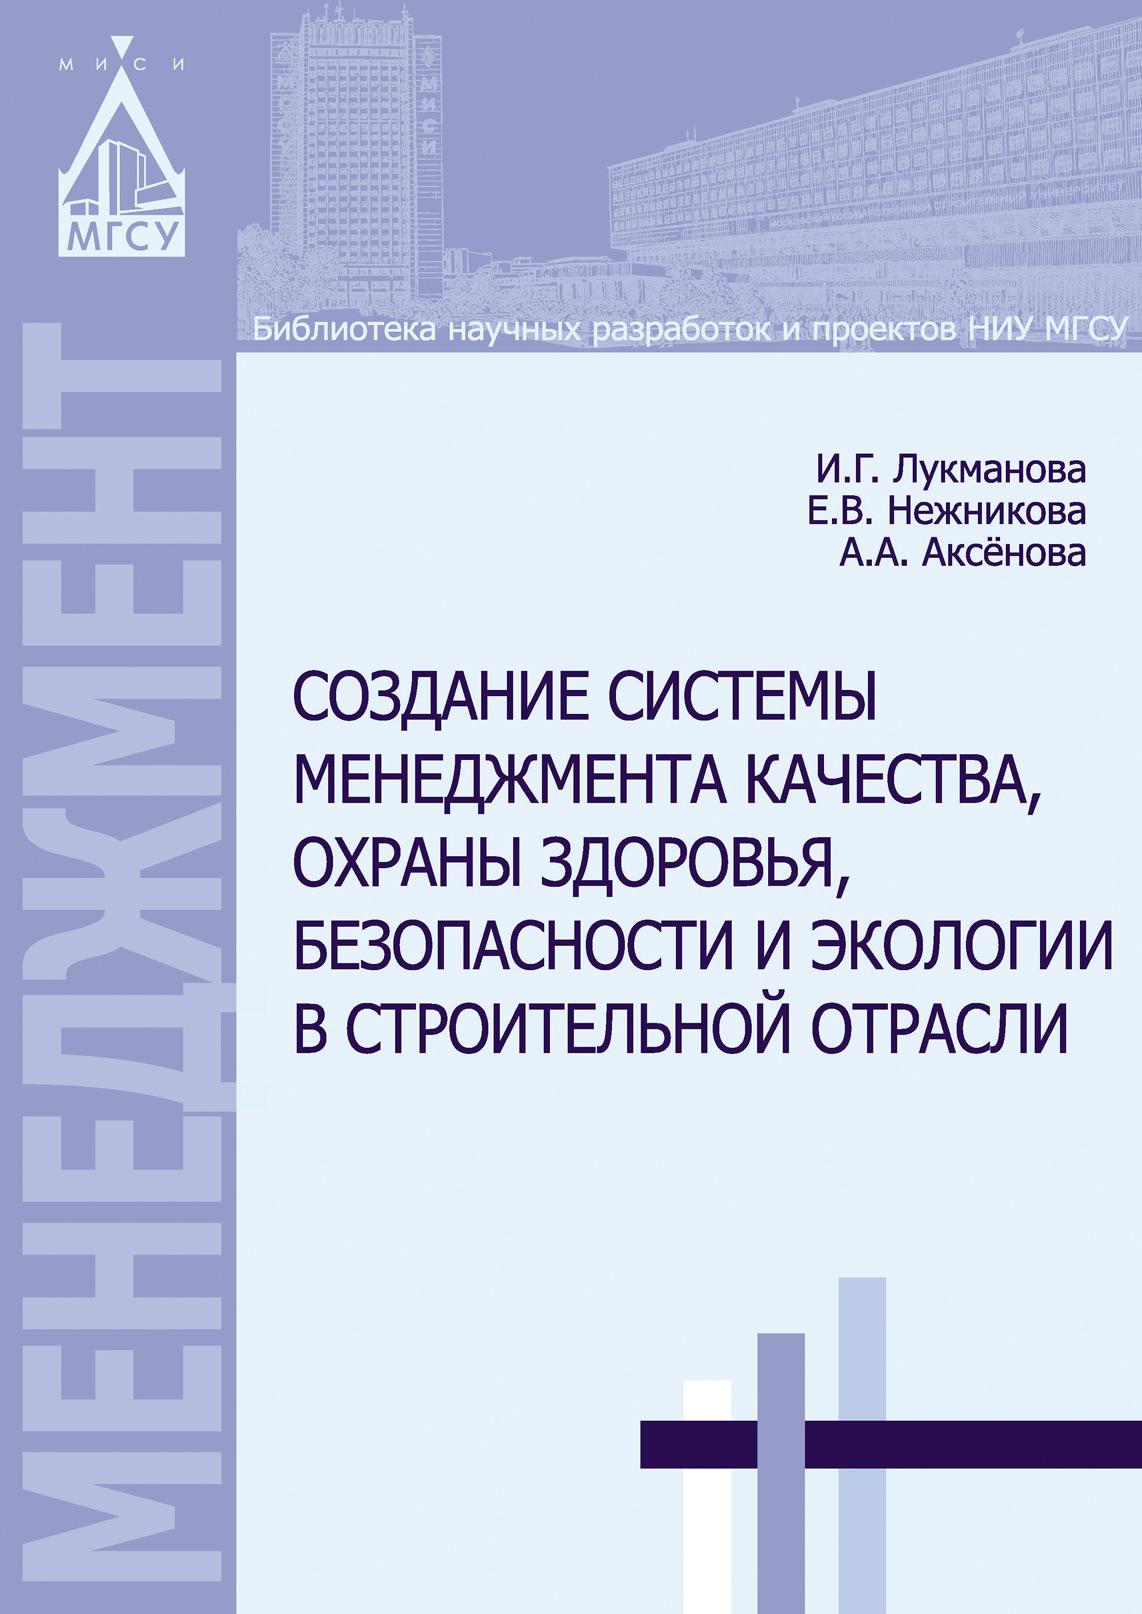 И. Г. Лукманова Создание системы менеджмента качества, охраны здоровья, безопасности и экологии в строительной отрасли